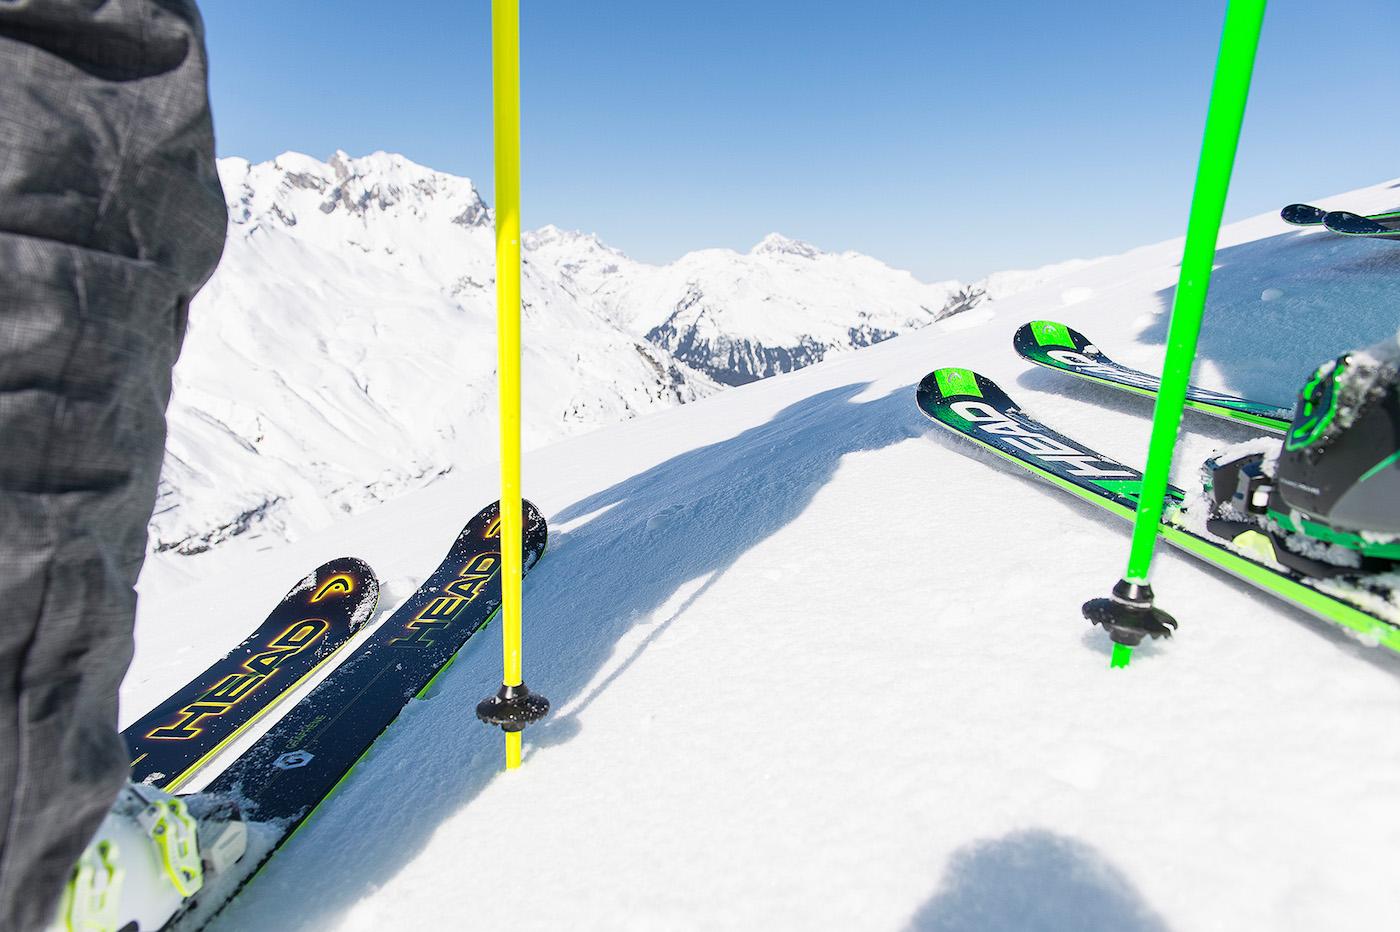 2fa731113e2 Ski's kopen: tips voor het aanschaffen van nieuwe ski's